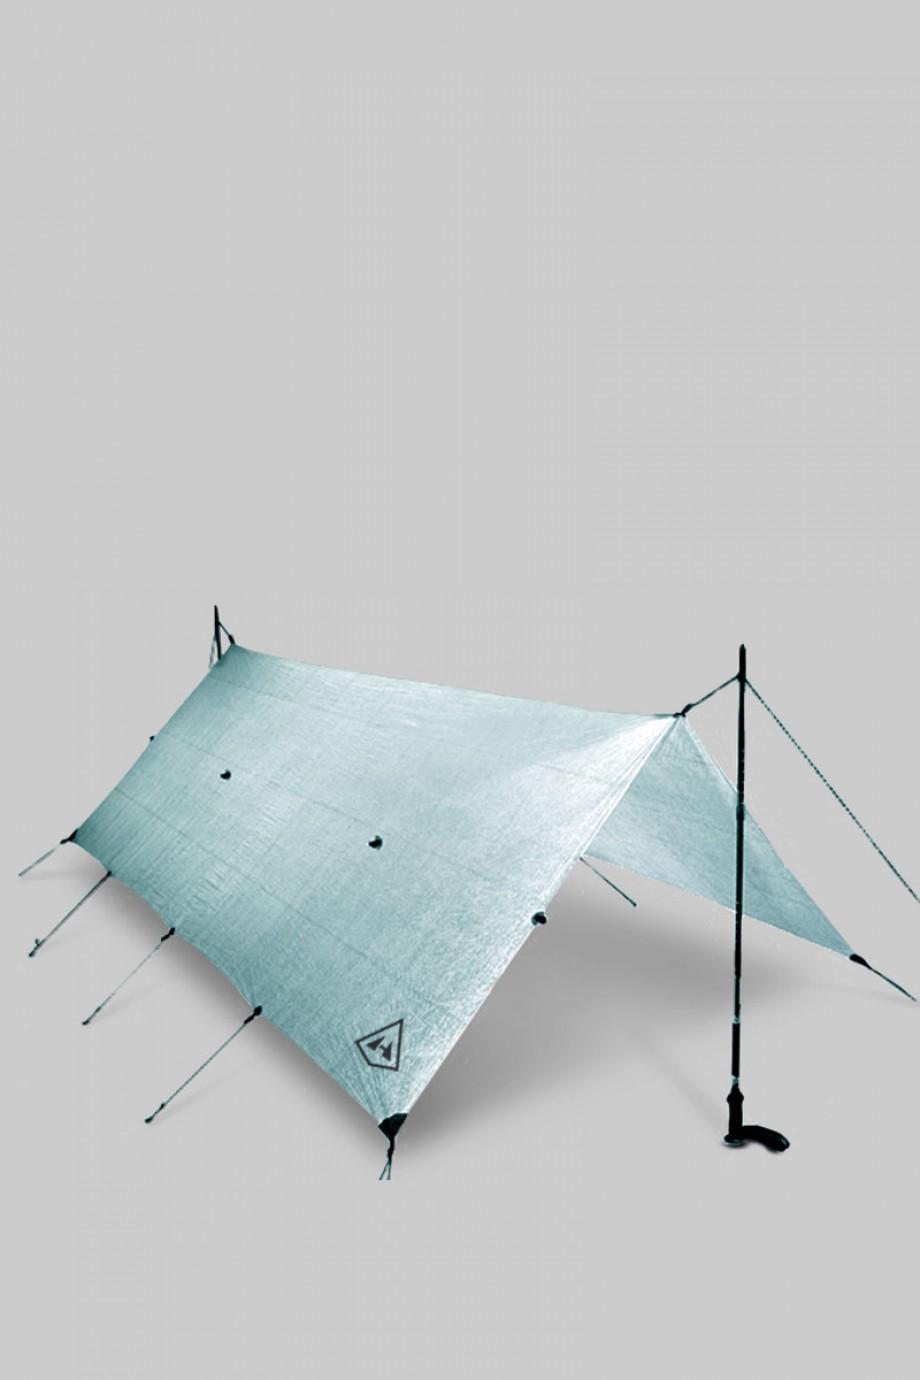 flat-tarps_sprucegreen-800x1200px.jpg